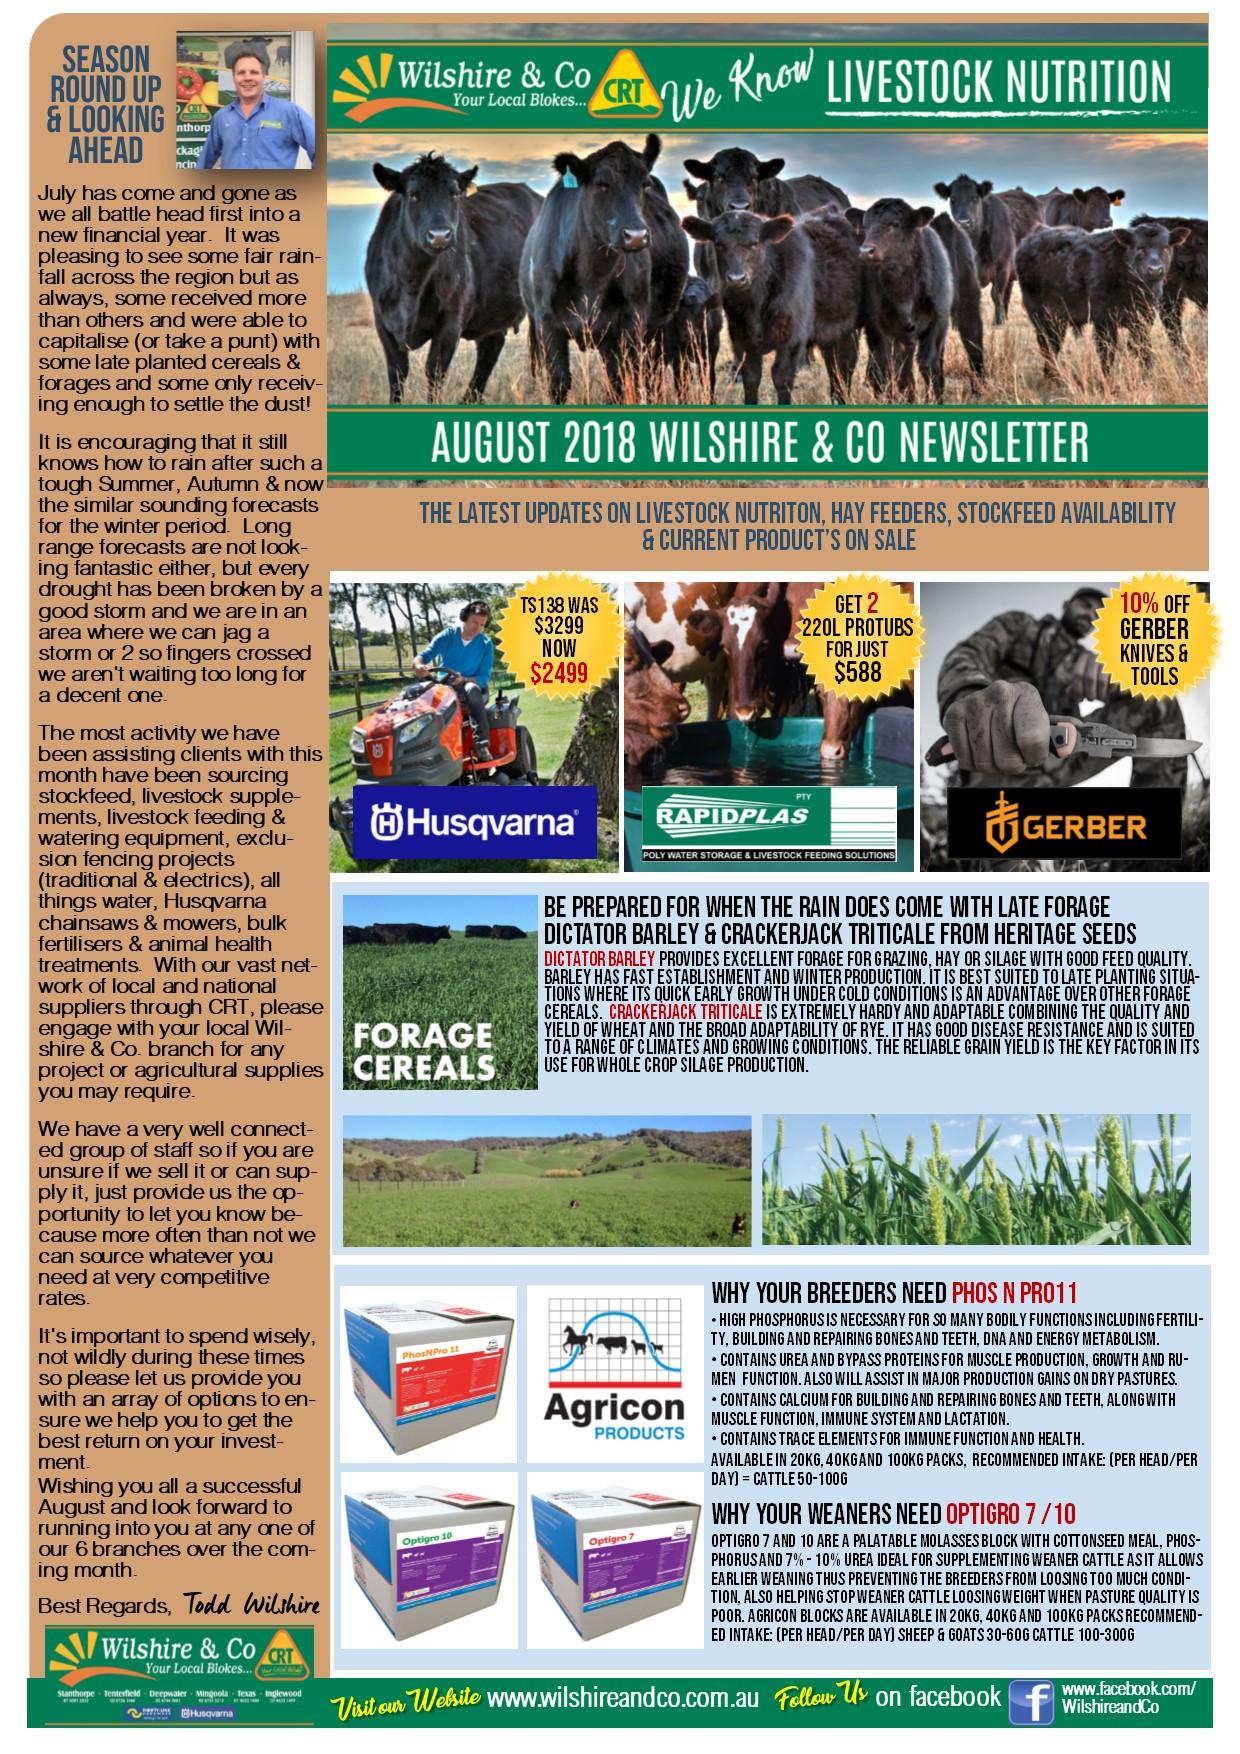 wilshire-co-august-newsletter-2018-.jpg